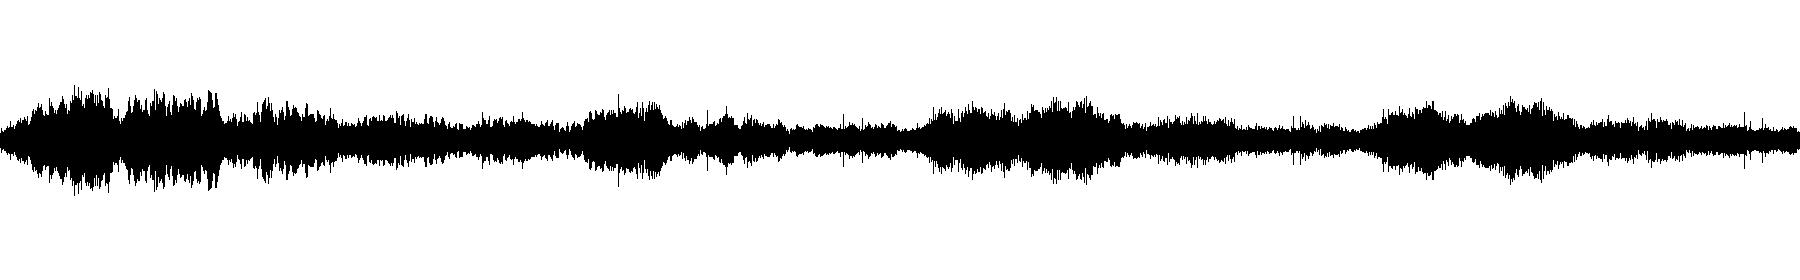 pth synth 23b